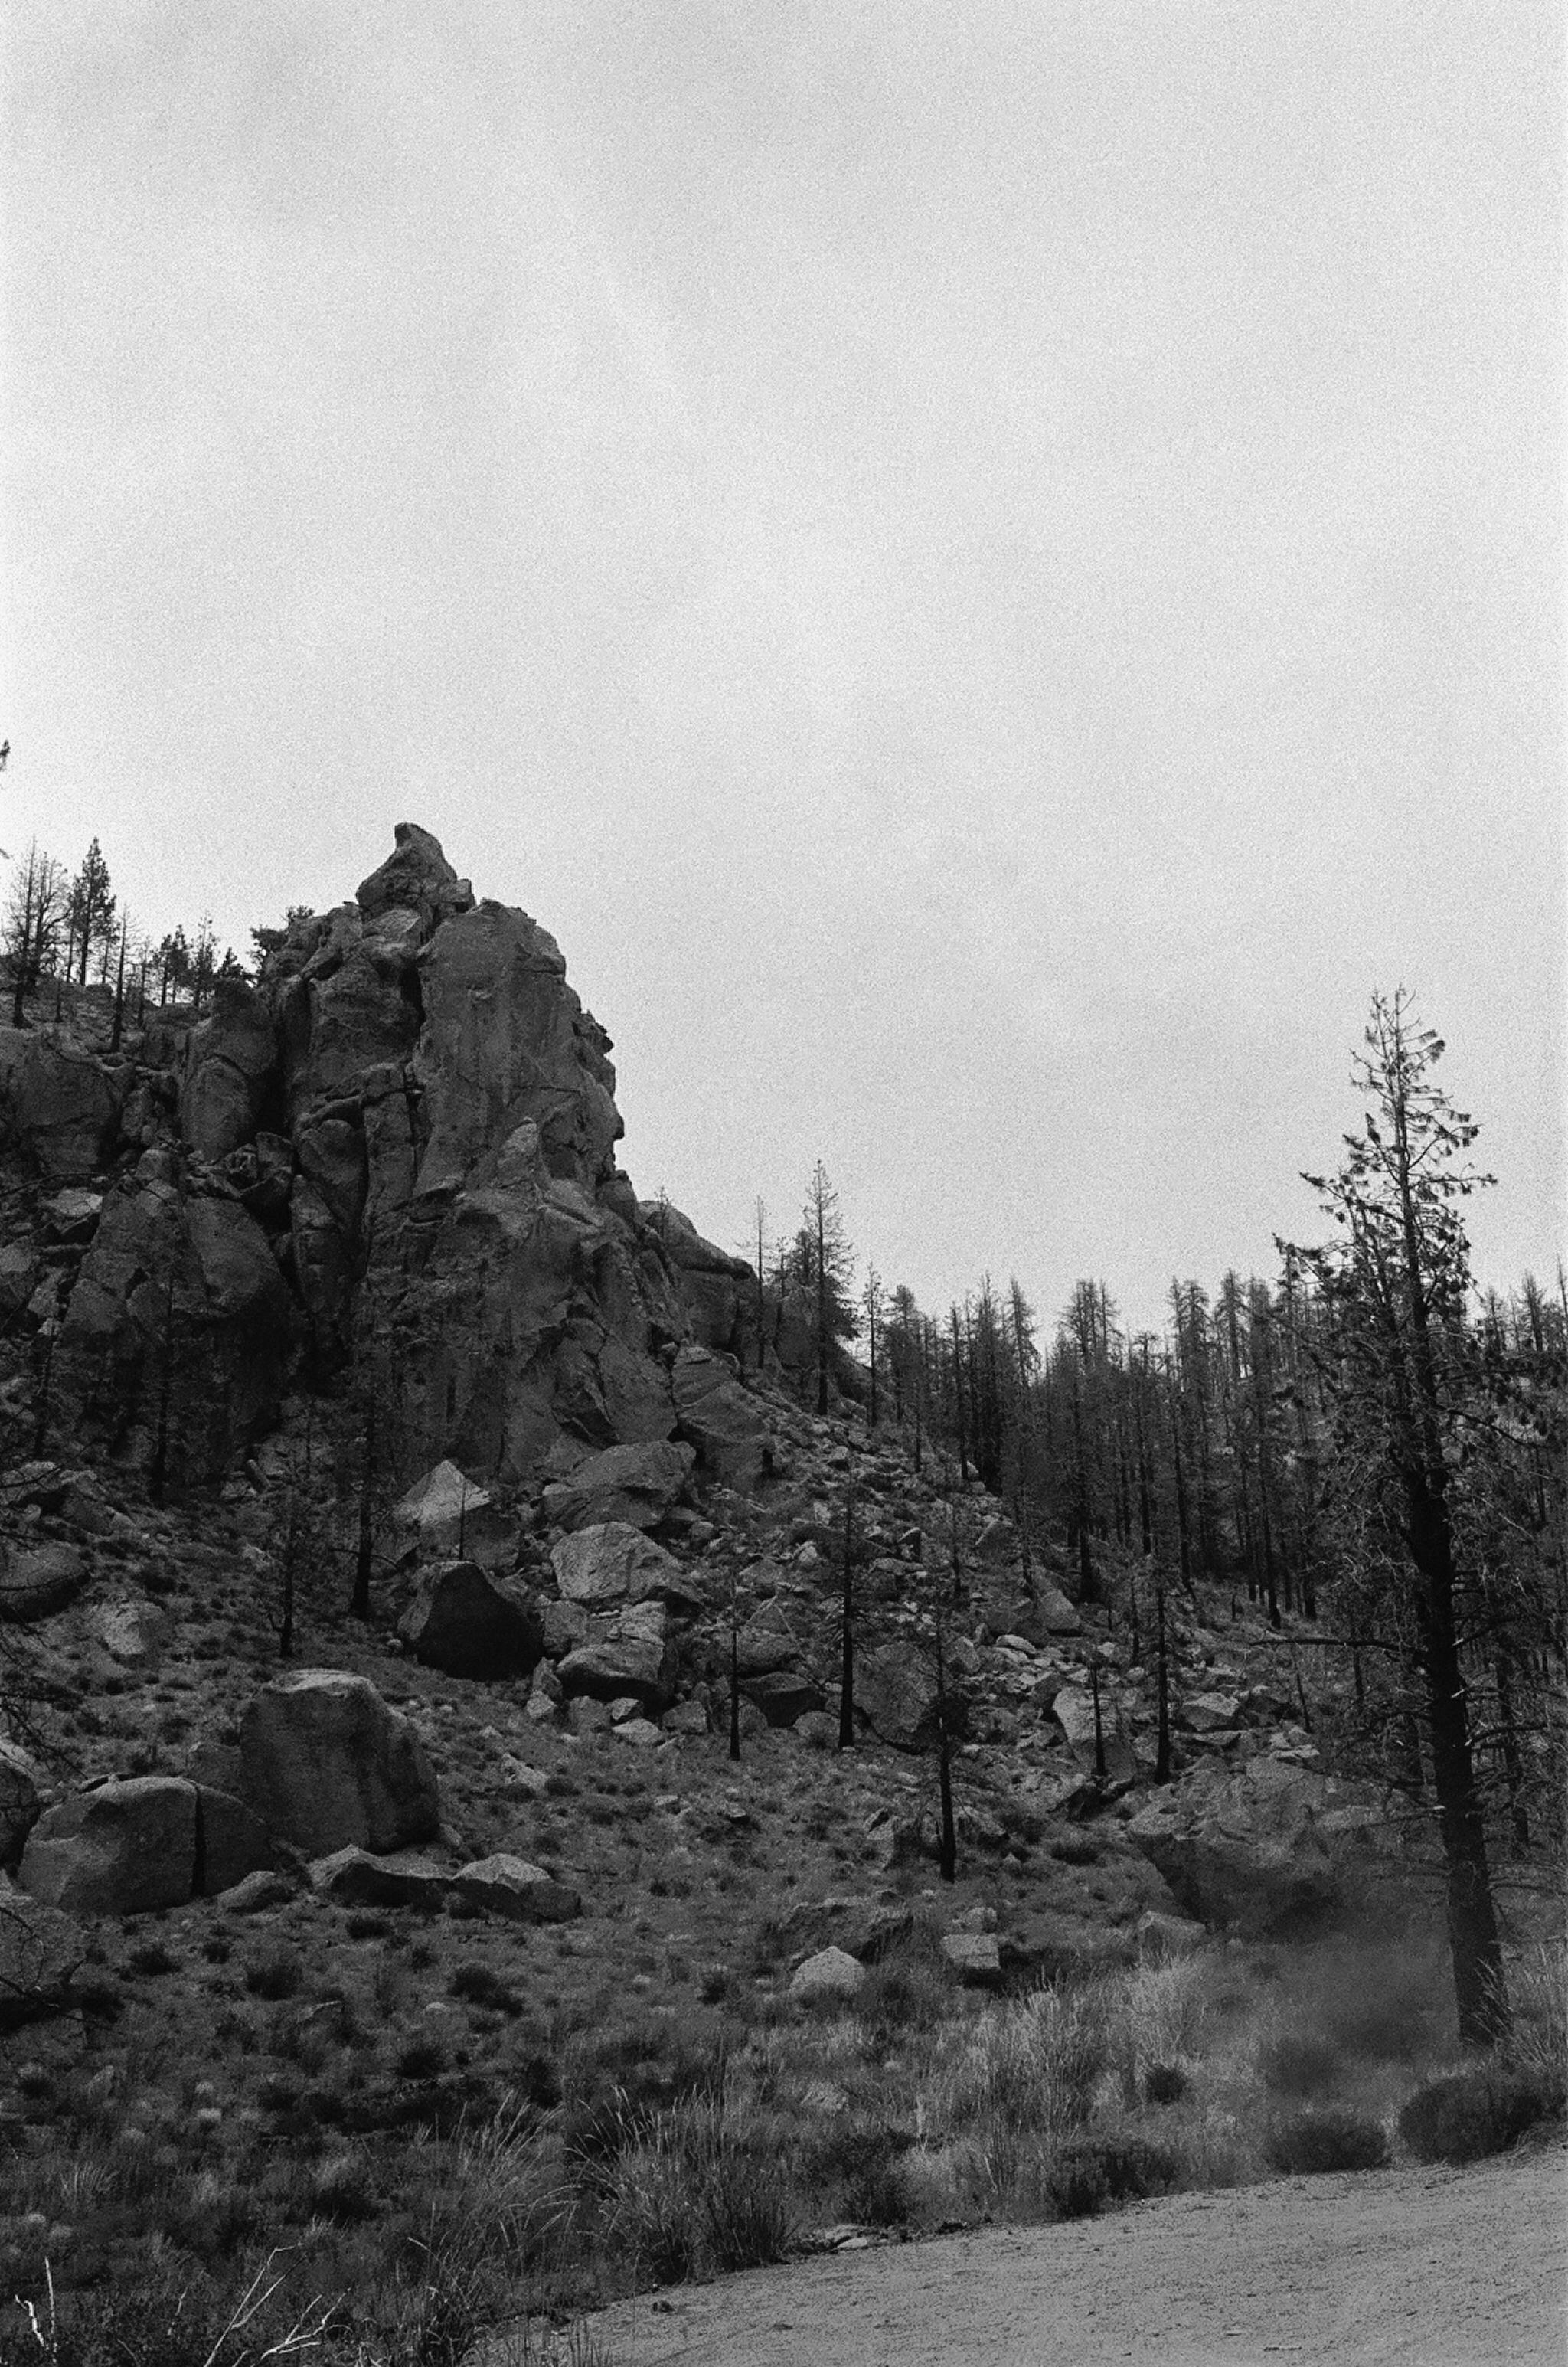 rock climbing photographer